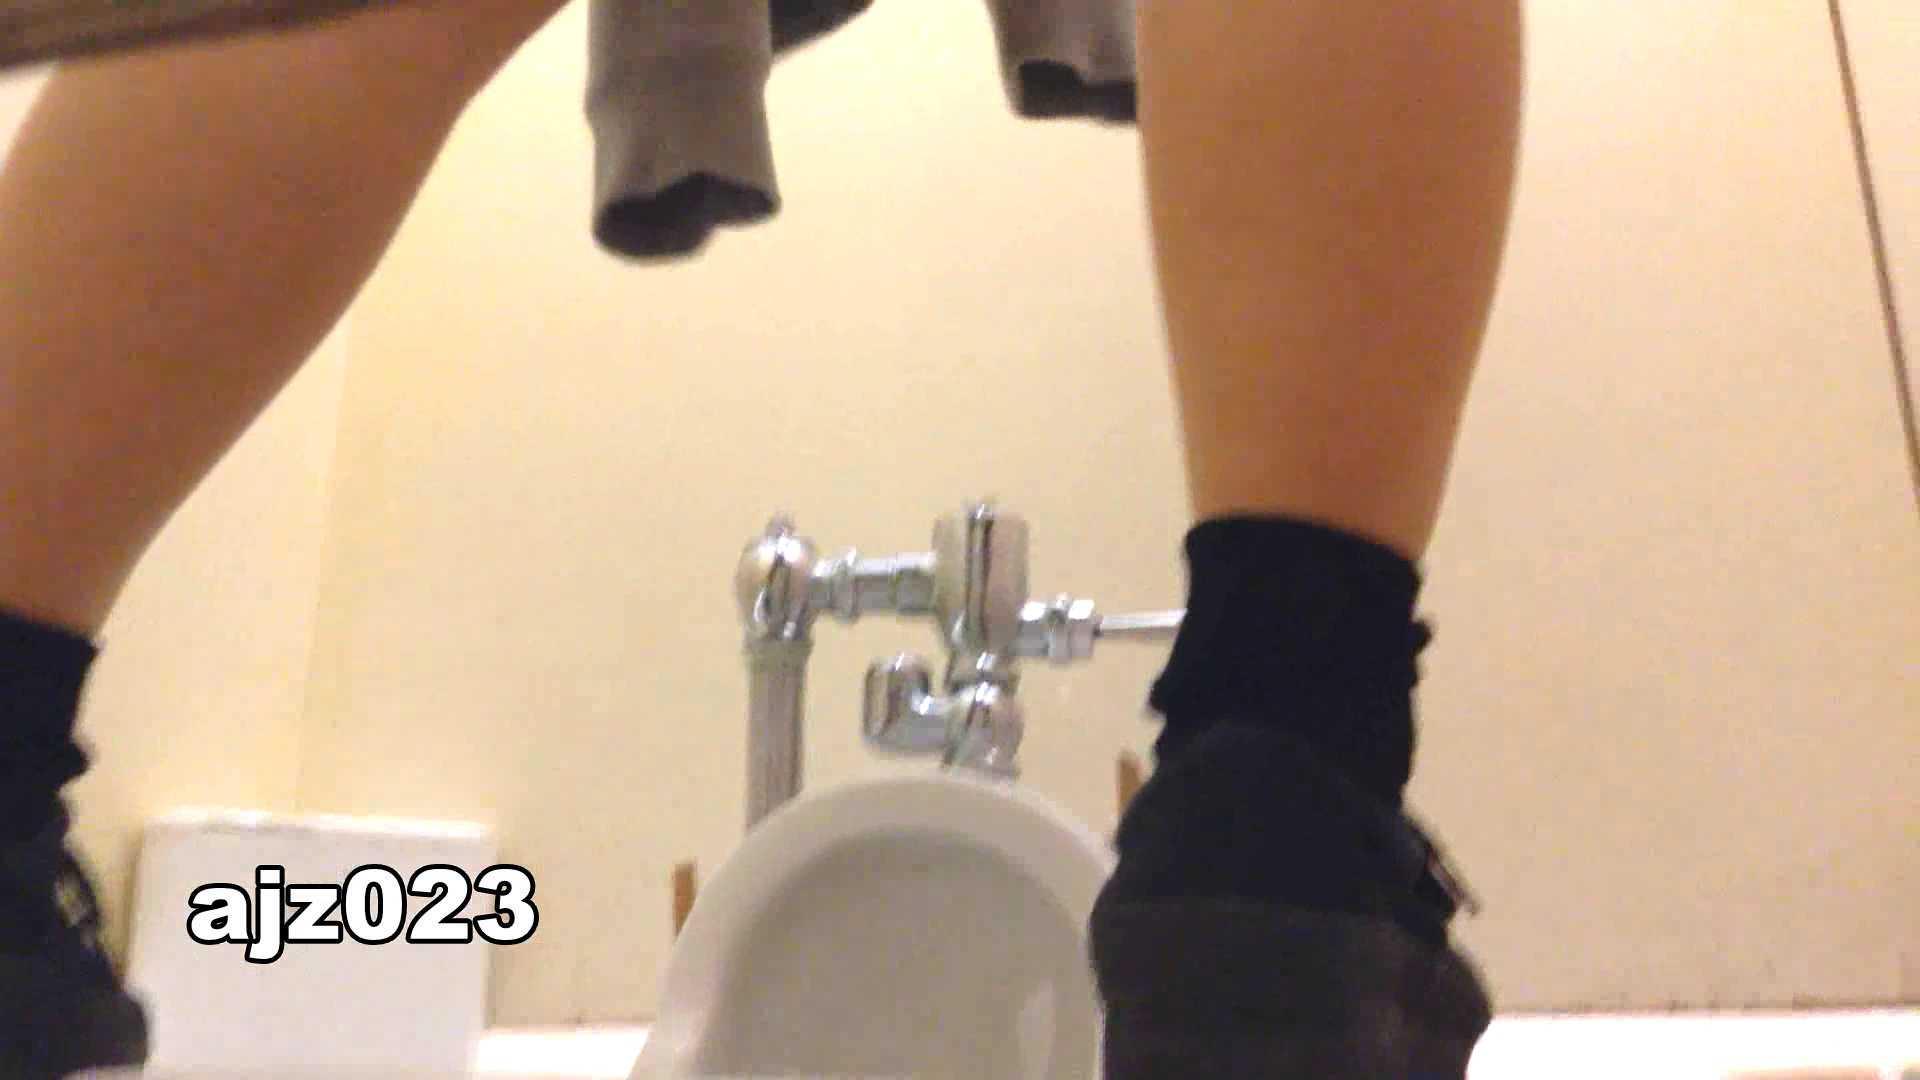 某有名大学女性洗面所 vol.23 OLのボディ 覗きおまんこ画像 64PIX 14